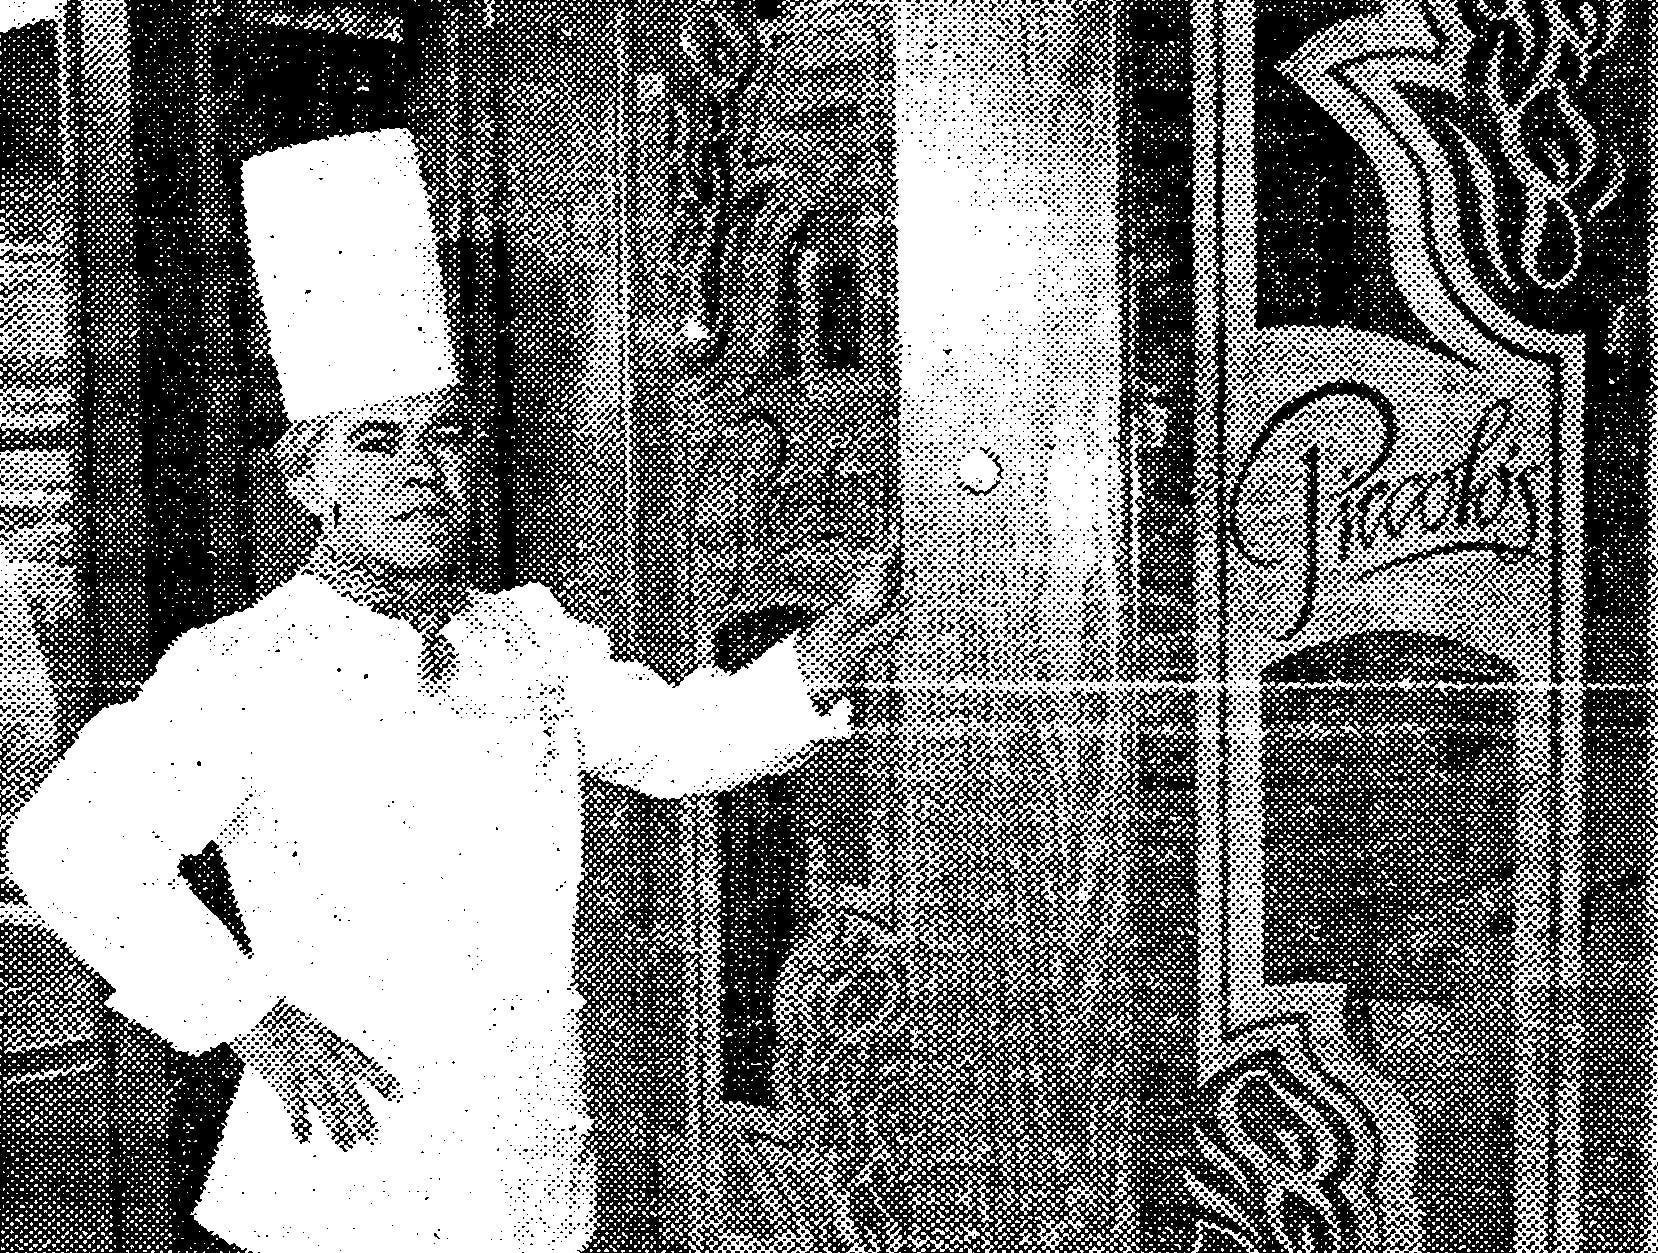 Exio Zatti, executive chef at Piccolo's at the corner of Union Ave. and Walnut St. in 1982.